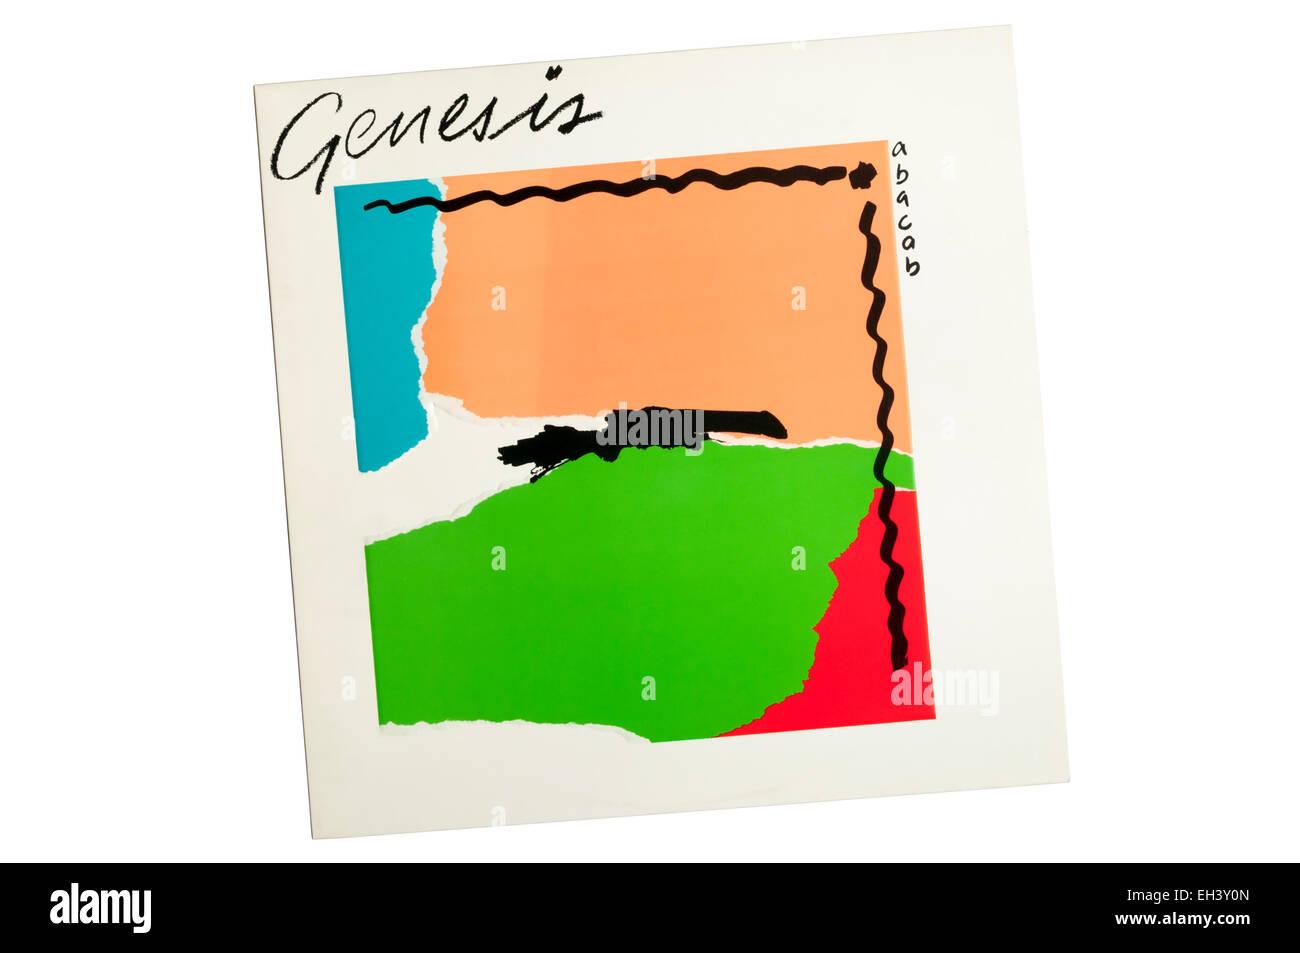 Abacab, publié en 1981, a été le 11e album studio du groupe britannique Genesis. Photo Stock